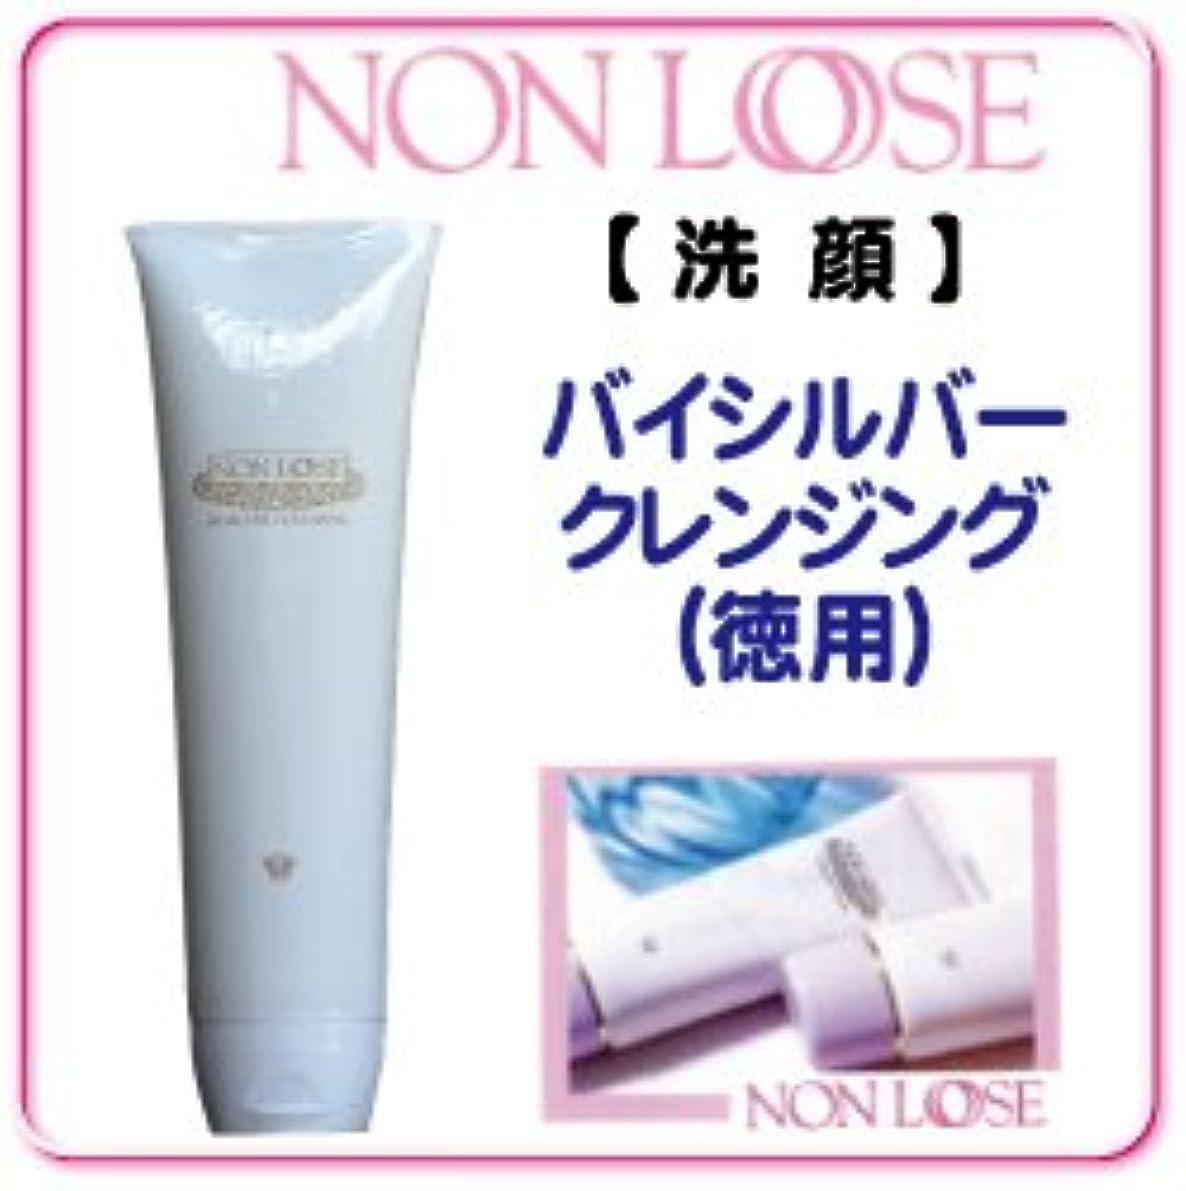 モンクフォーム何か【NON LOOSE】 洗顔 ノンルース バイシルバークレンジング(徳用) 300g 【洗い流し専用】